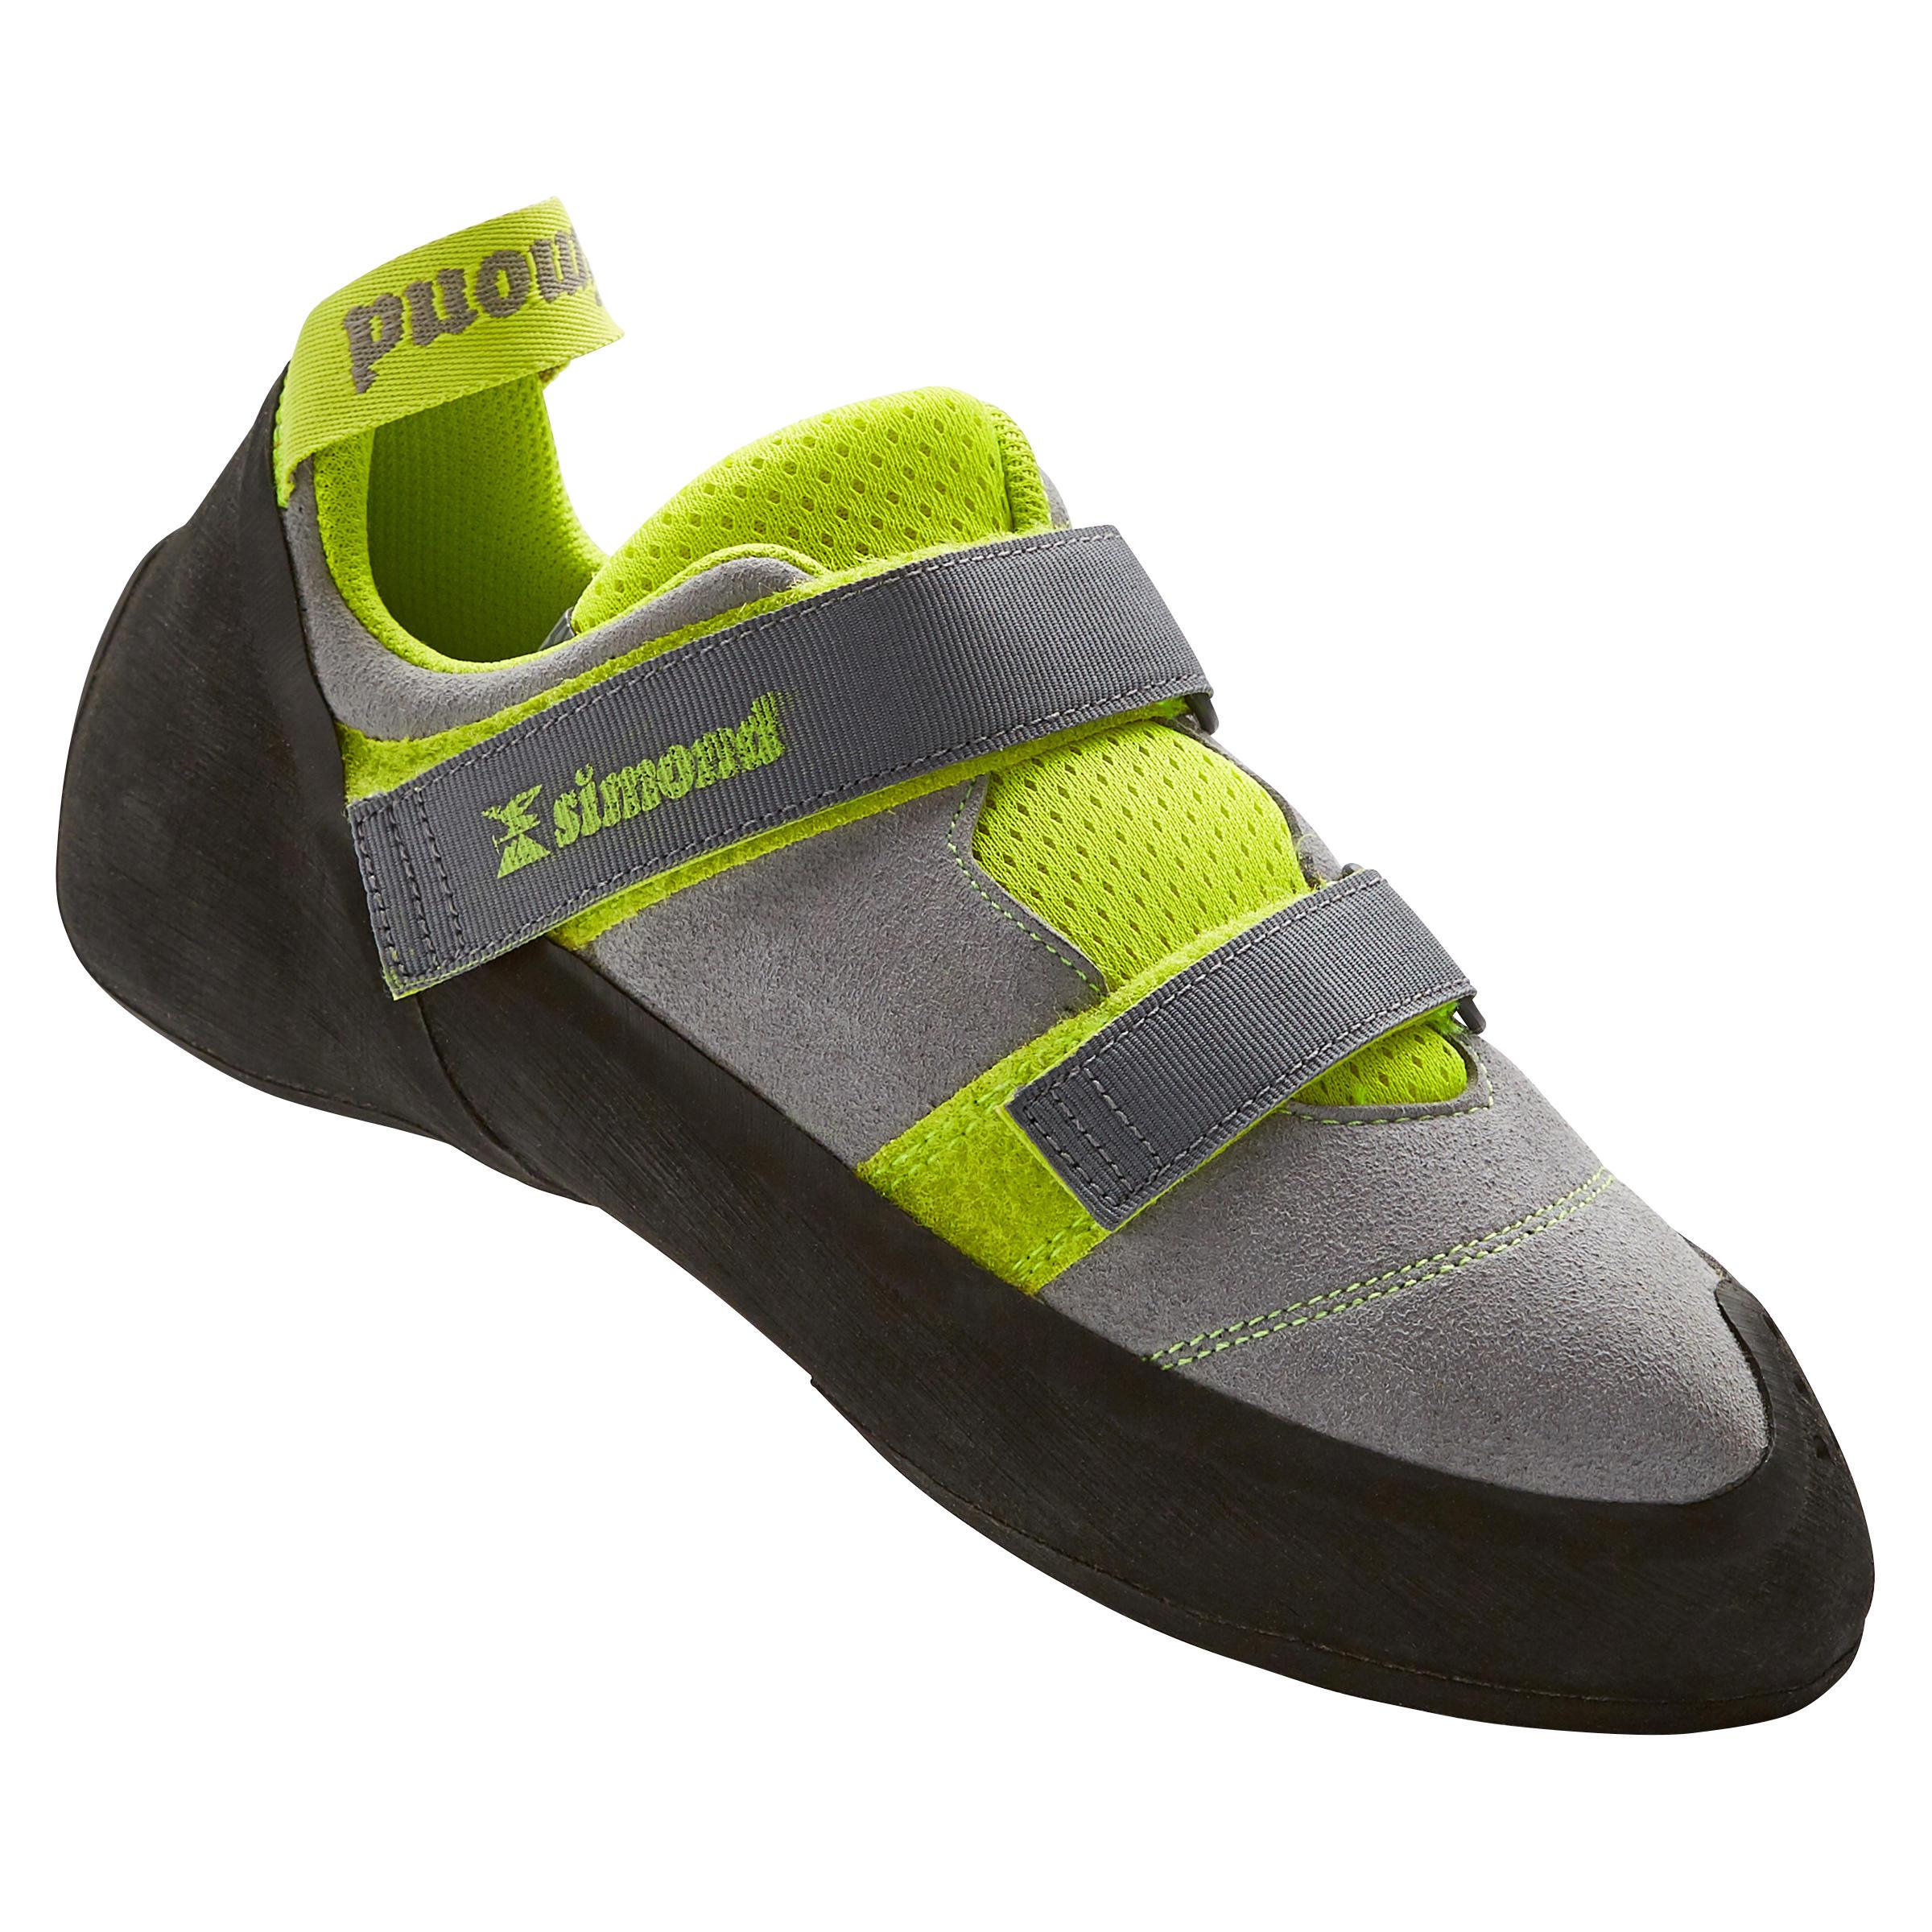 Kletterschuhe Rock+ Kinder/Erwachsene | Schuhe > Outdoorschuhe > Kletterschuhe | Simond